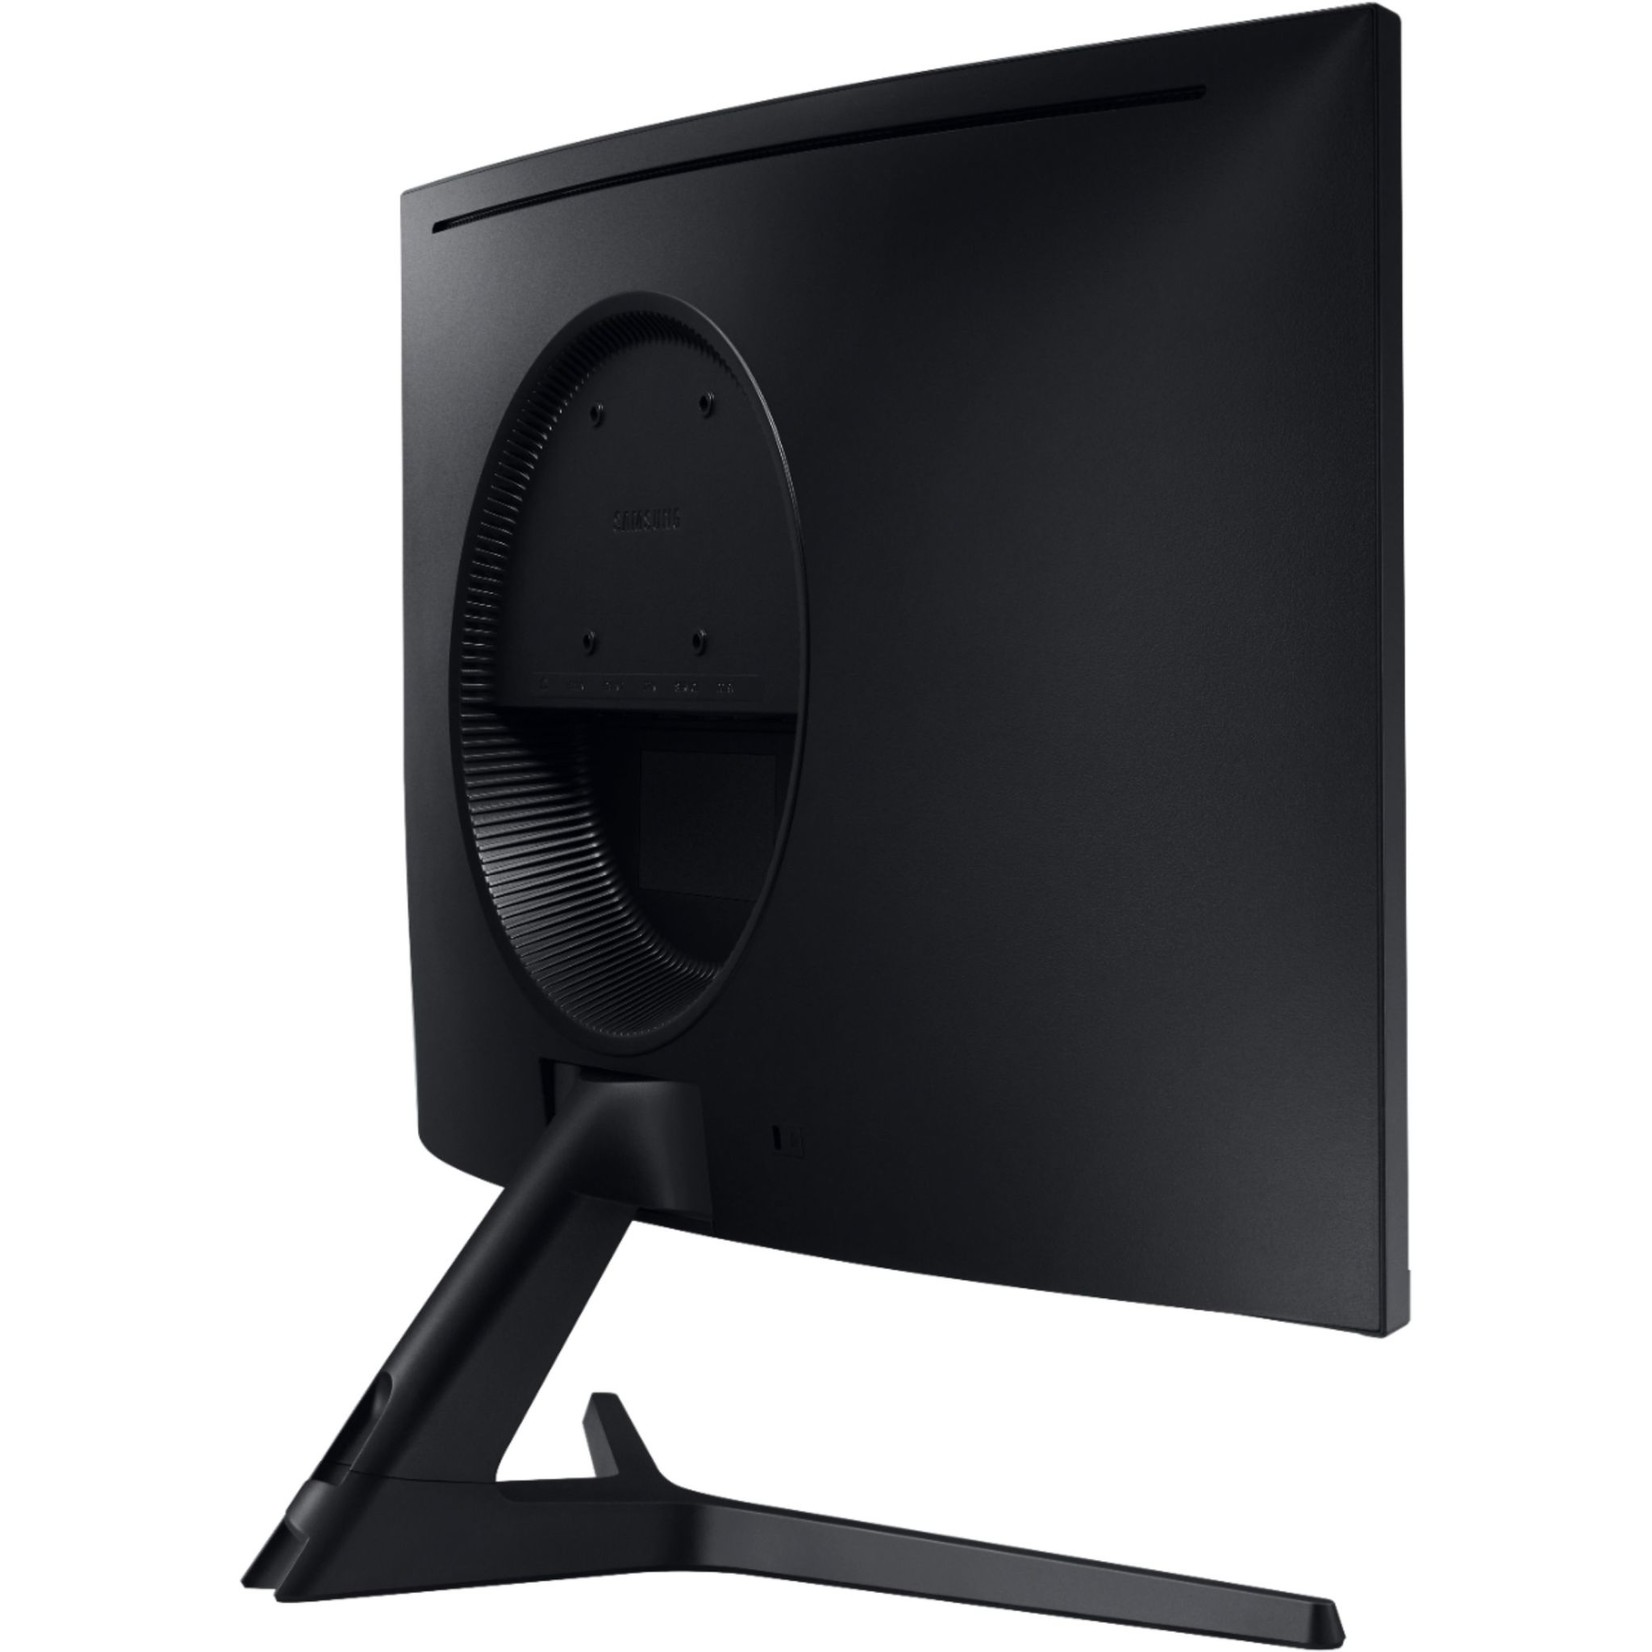 """Samsung Samsung - Odyssey Gaming CRG5 Series 27"""" LED Curved FHD G-Sync Monitor - Dark Blue/Gray"""